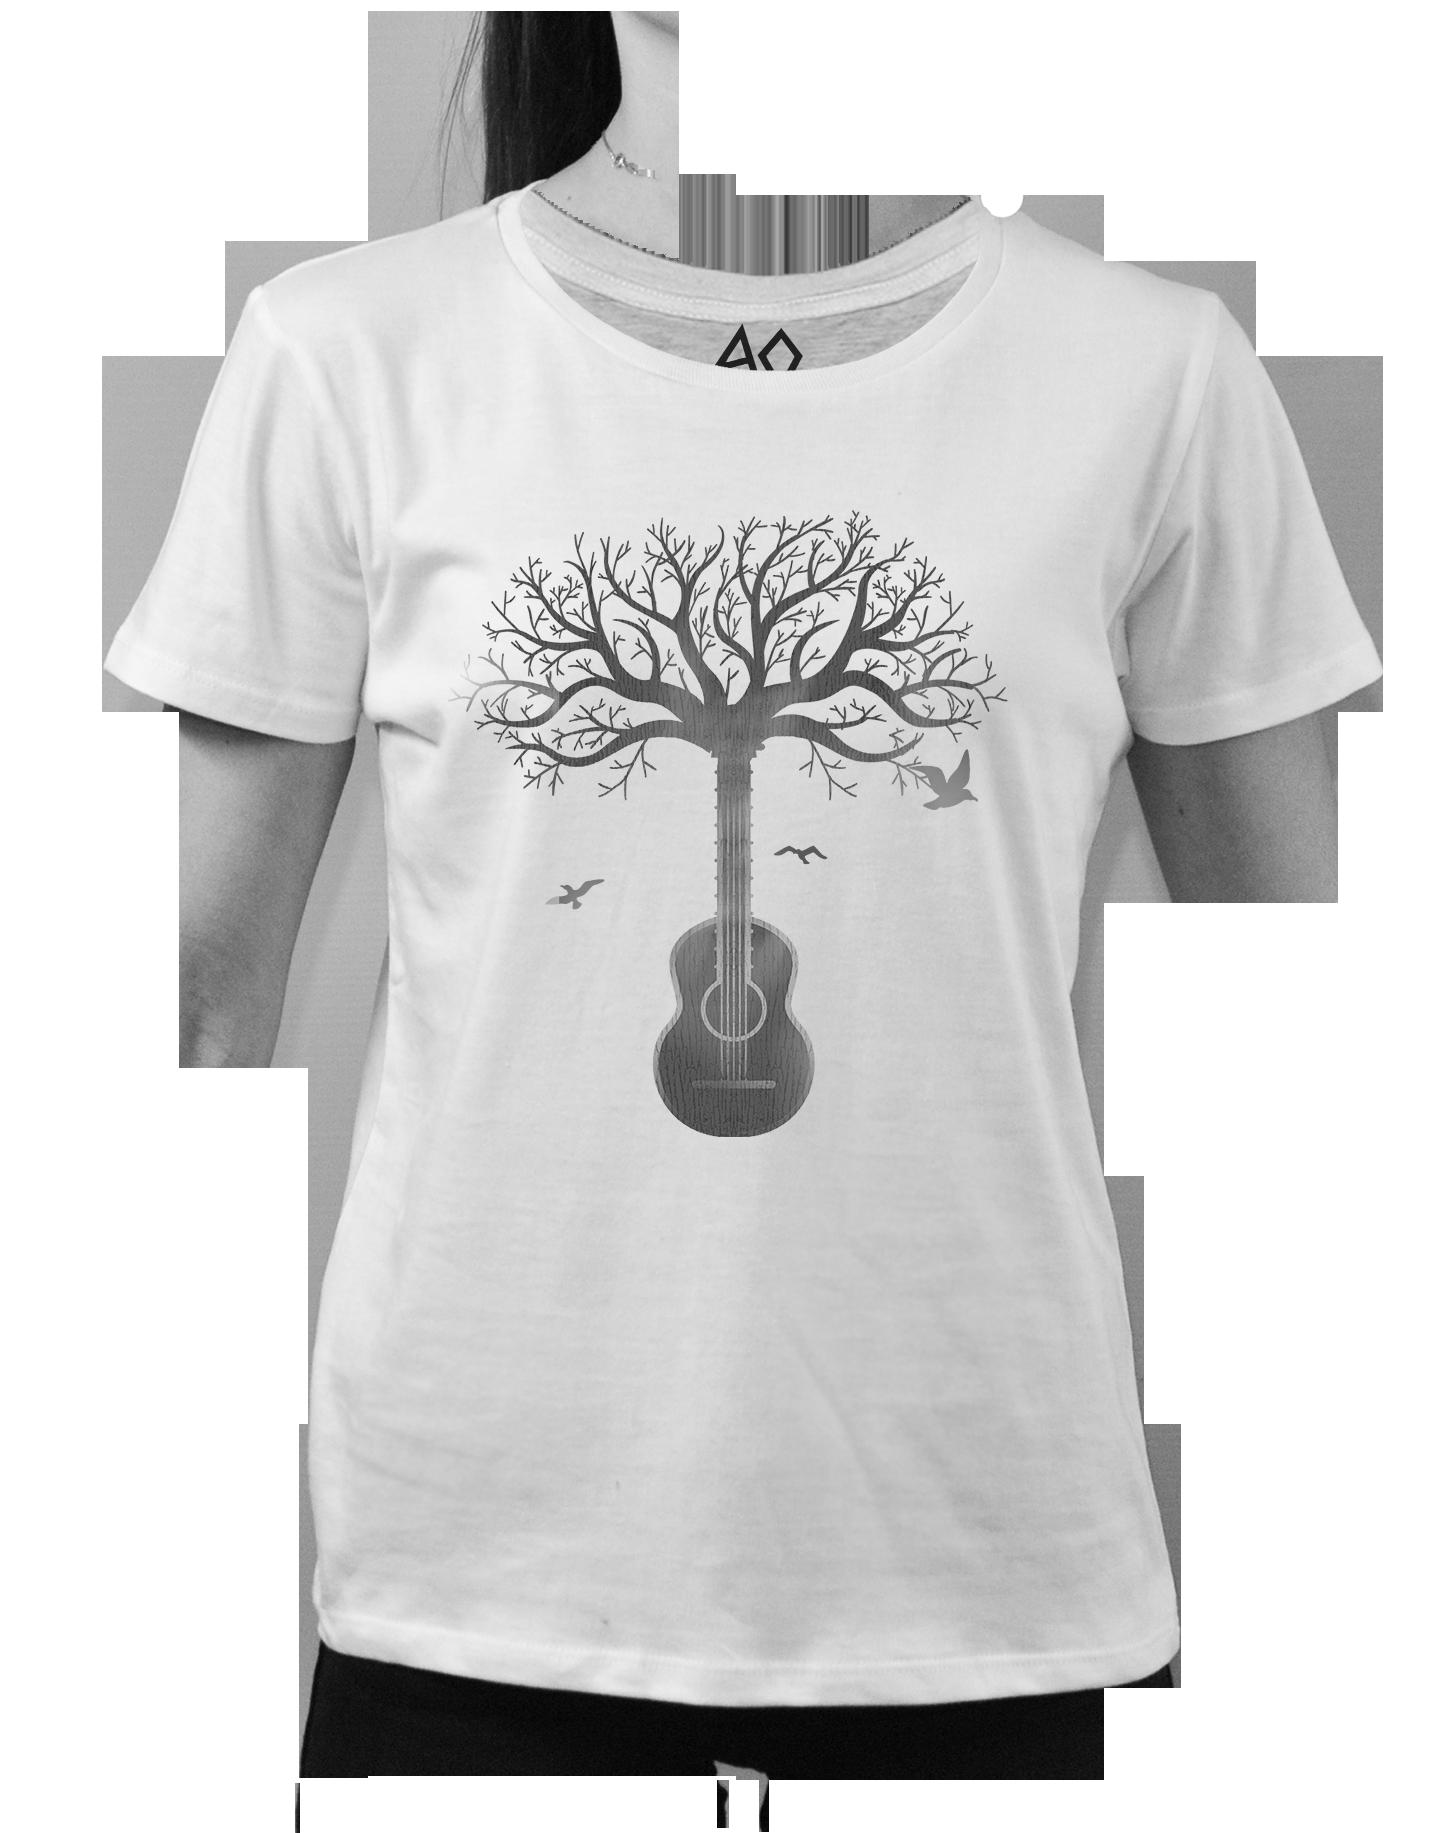 68a935f997d Guitar tree – Romfeas – Εκτύπωσεις / Μεταξοτυπίες